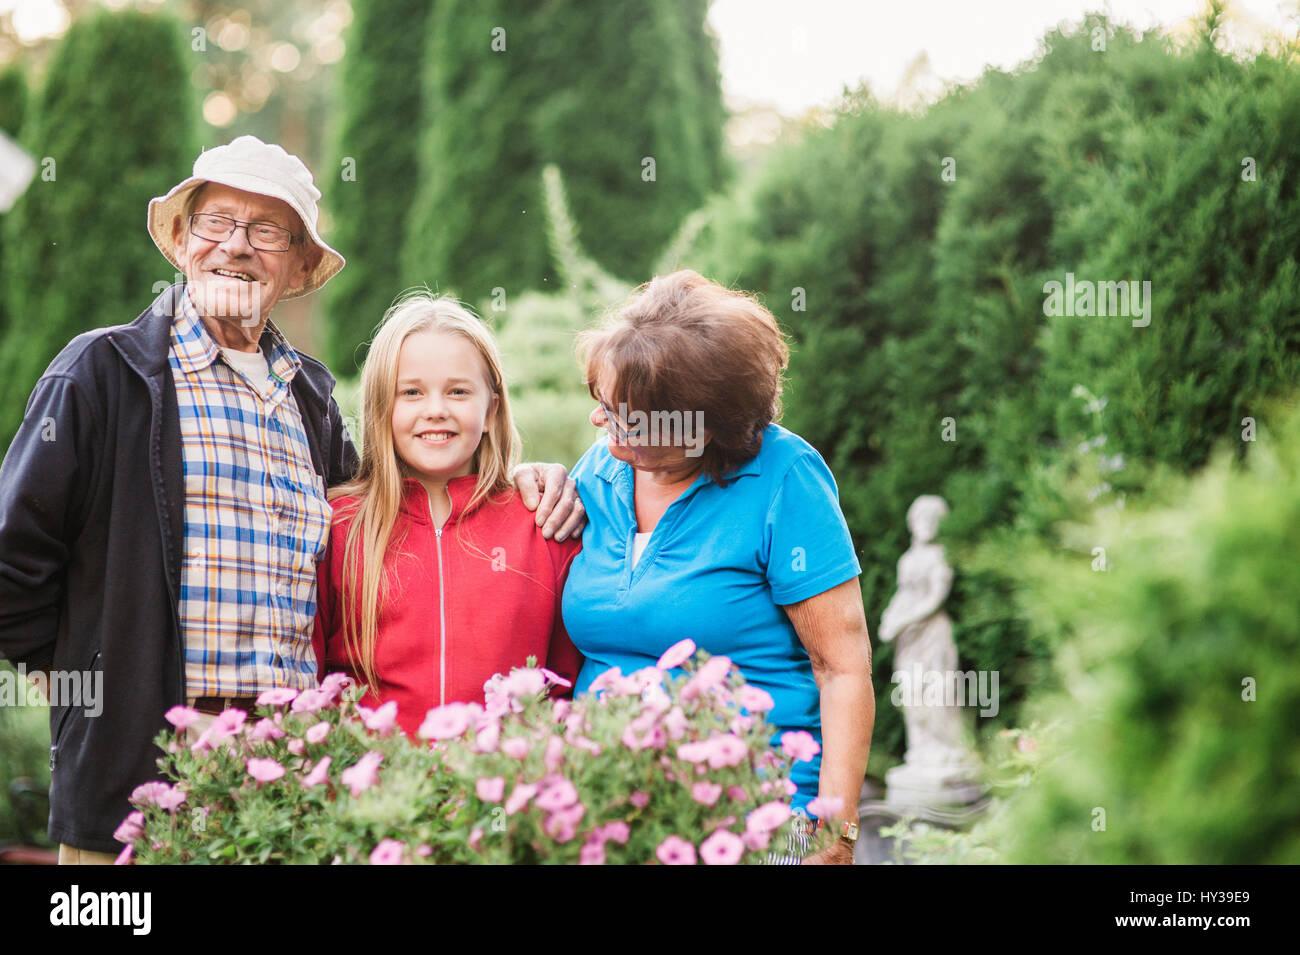 Suecia, vastmanland, hallefors, bergslagen, girl (12-13) con los abuelos posando en el jardín Imagen De Stock